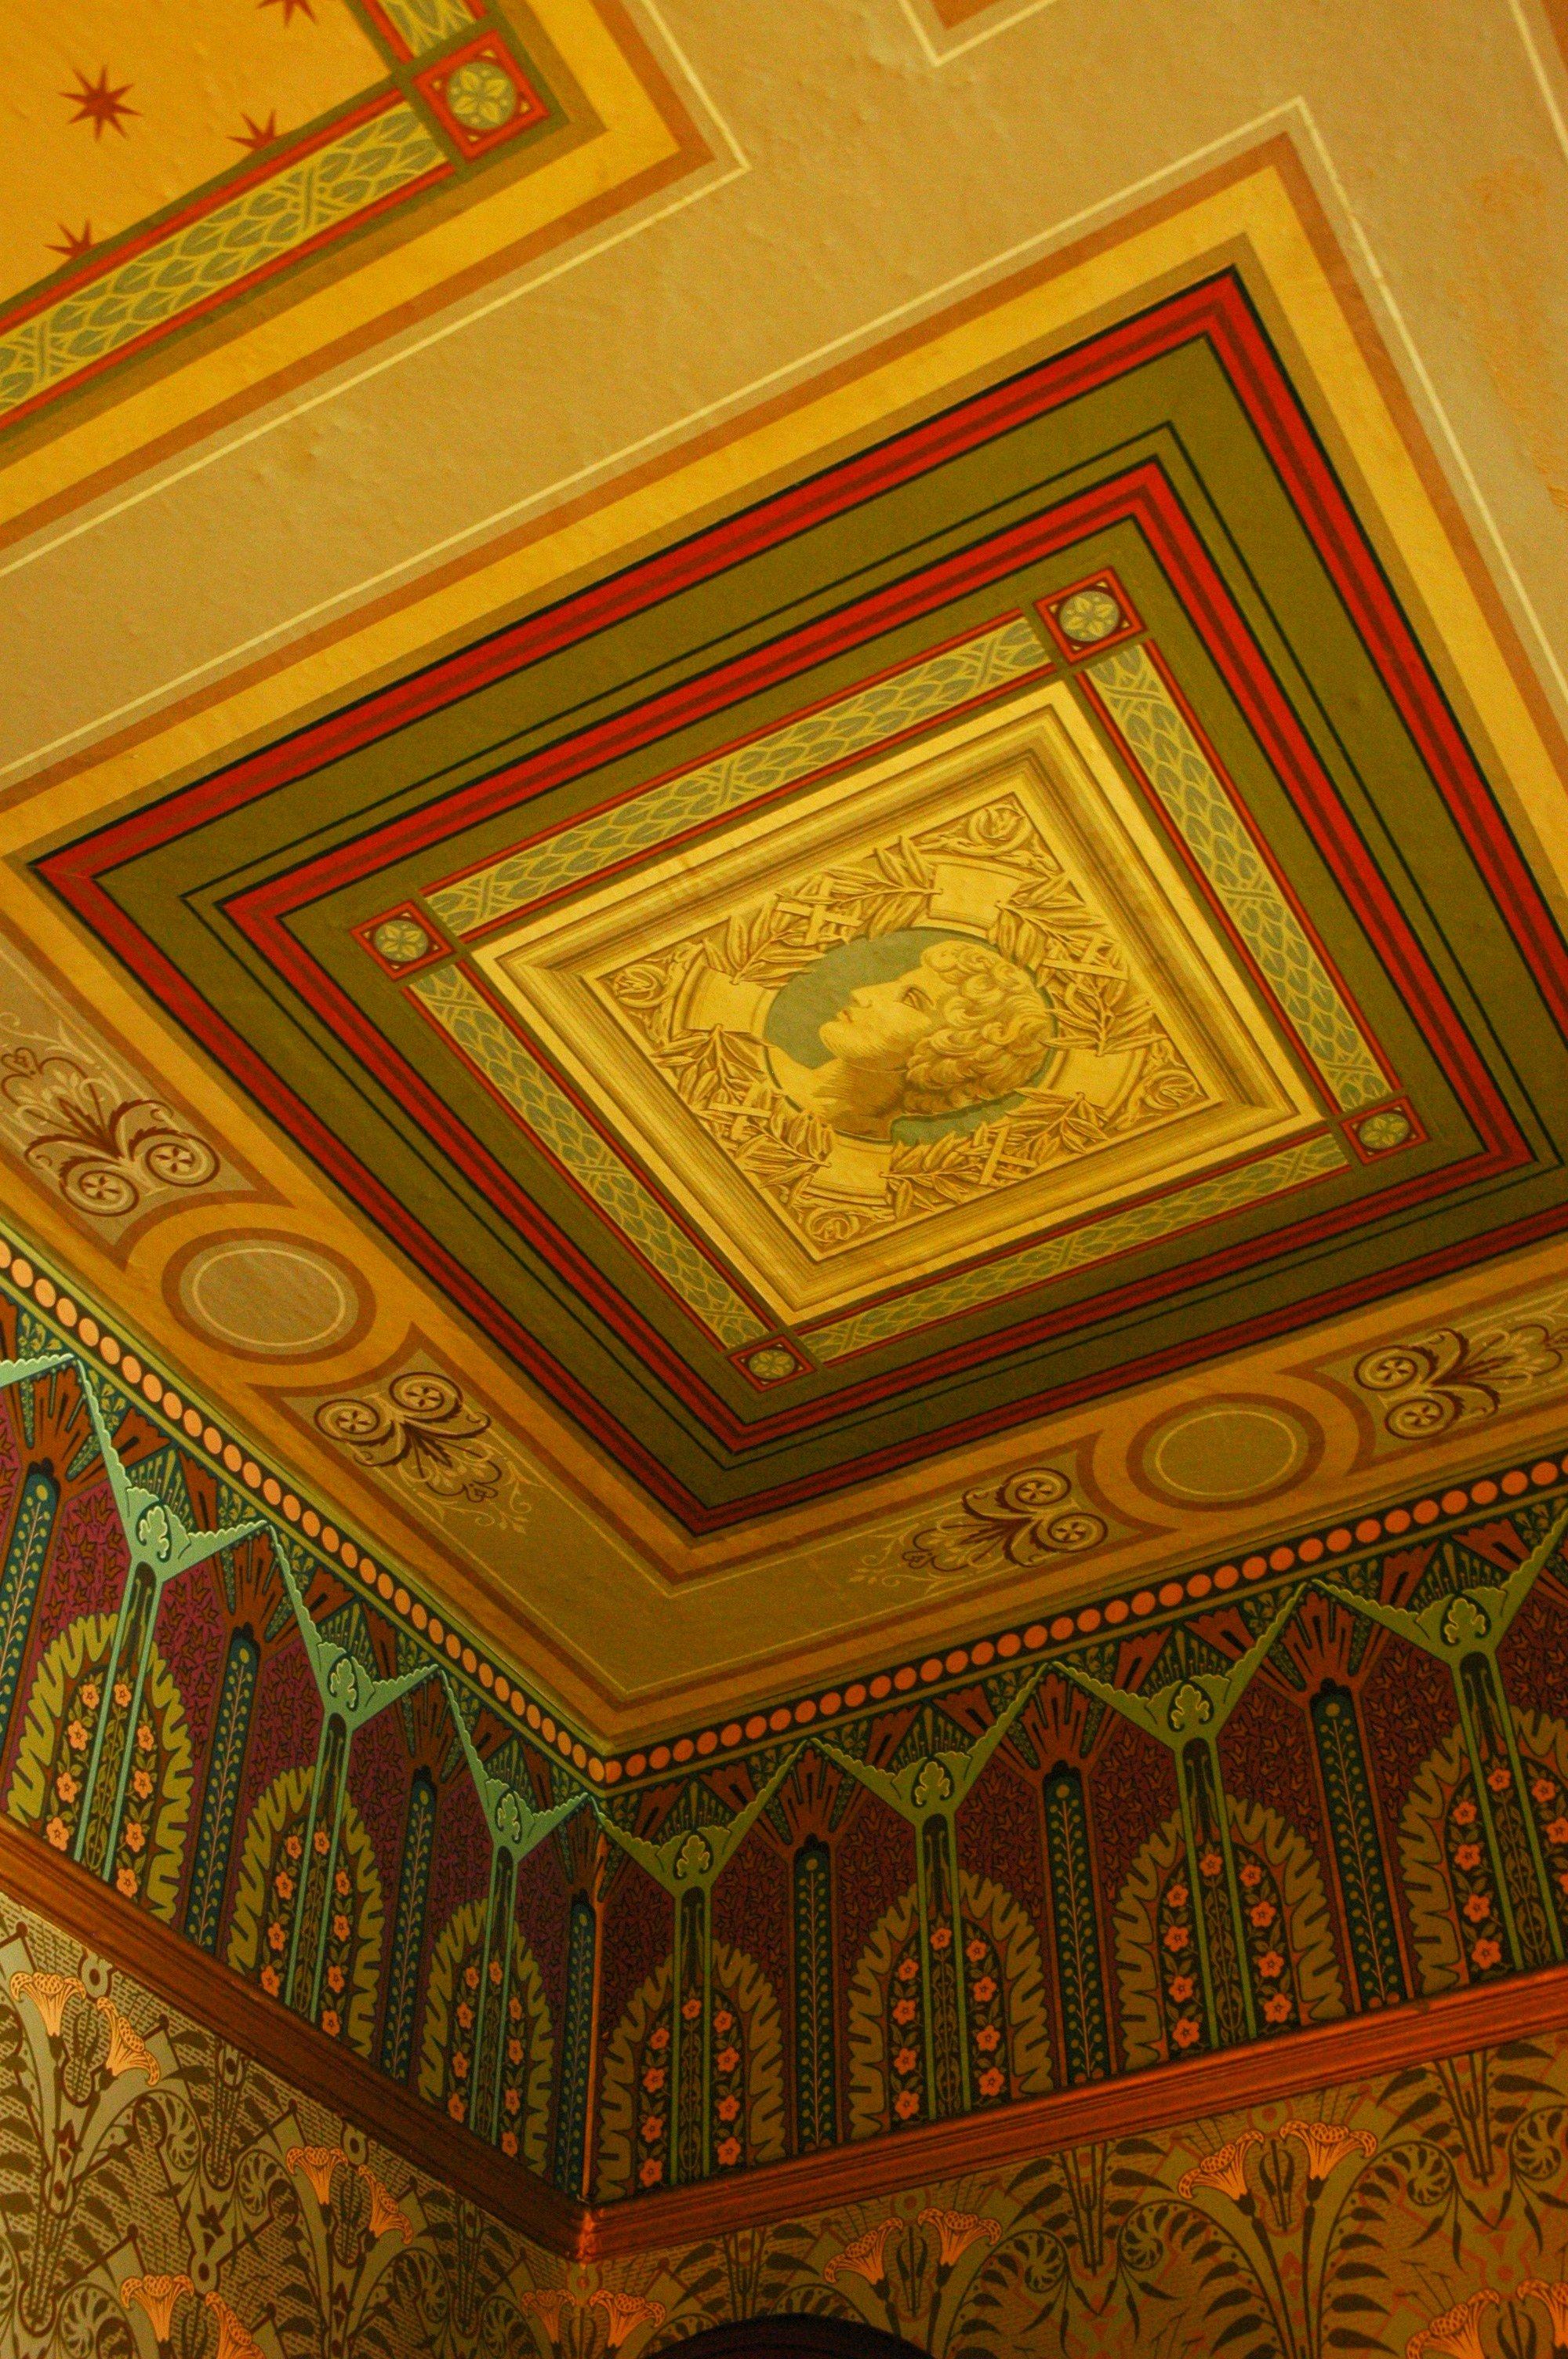 File:Ceiling wallpaper California 3194415183.jpg ...